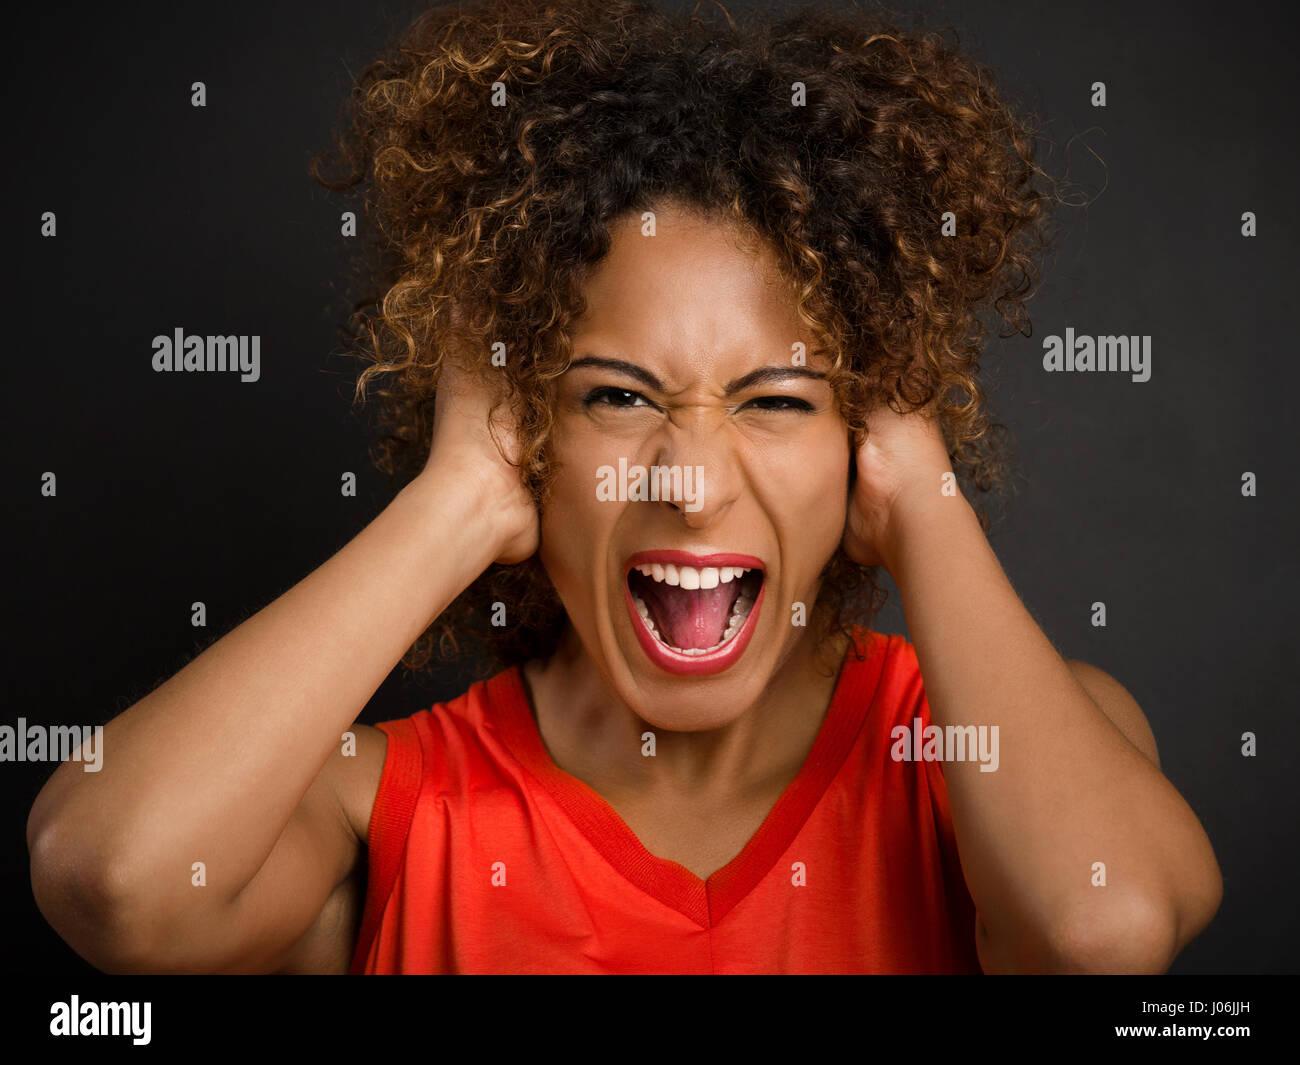 Ritratto di un Africano donna americana con le mani sulla testa e urlare Immagini Stock